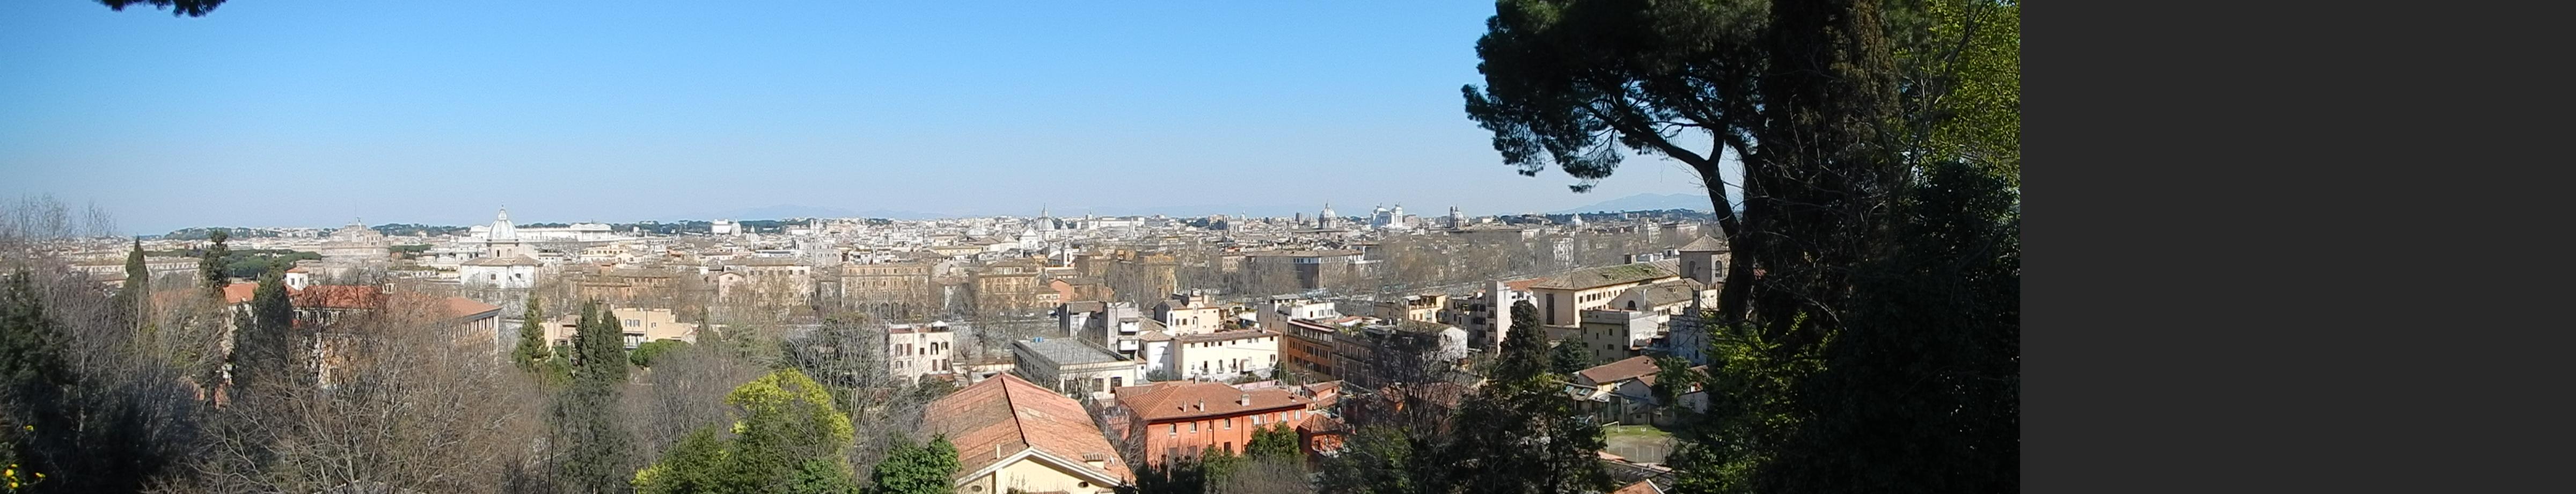 Day 14, Wandering around Rome, Italy 3-12-2014